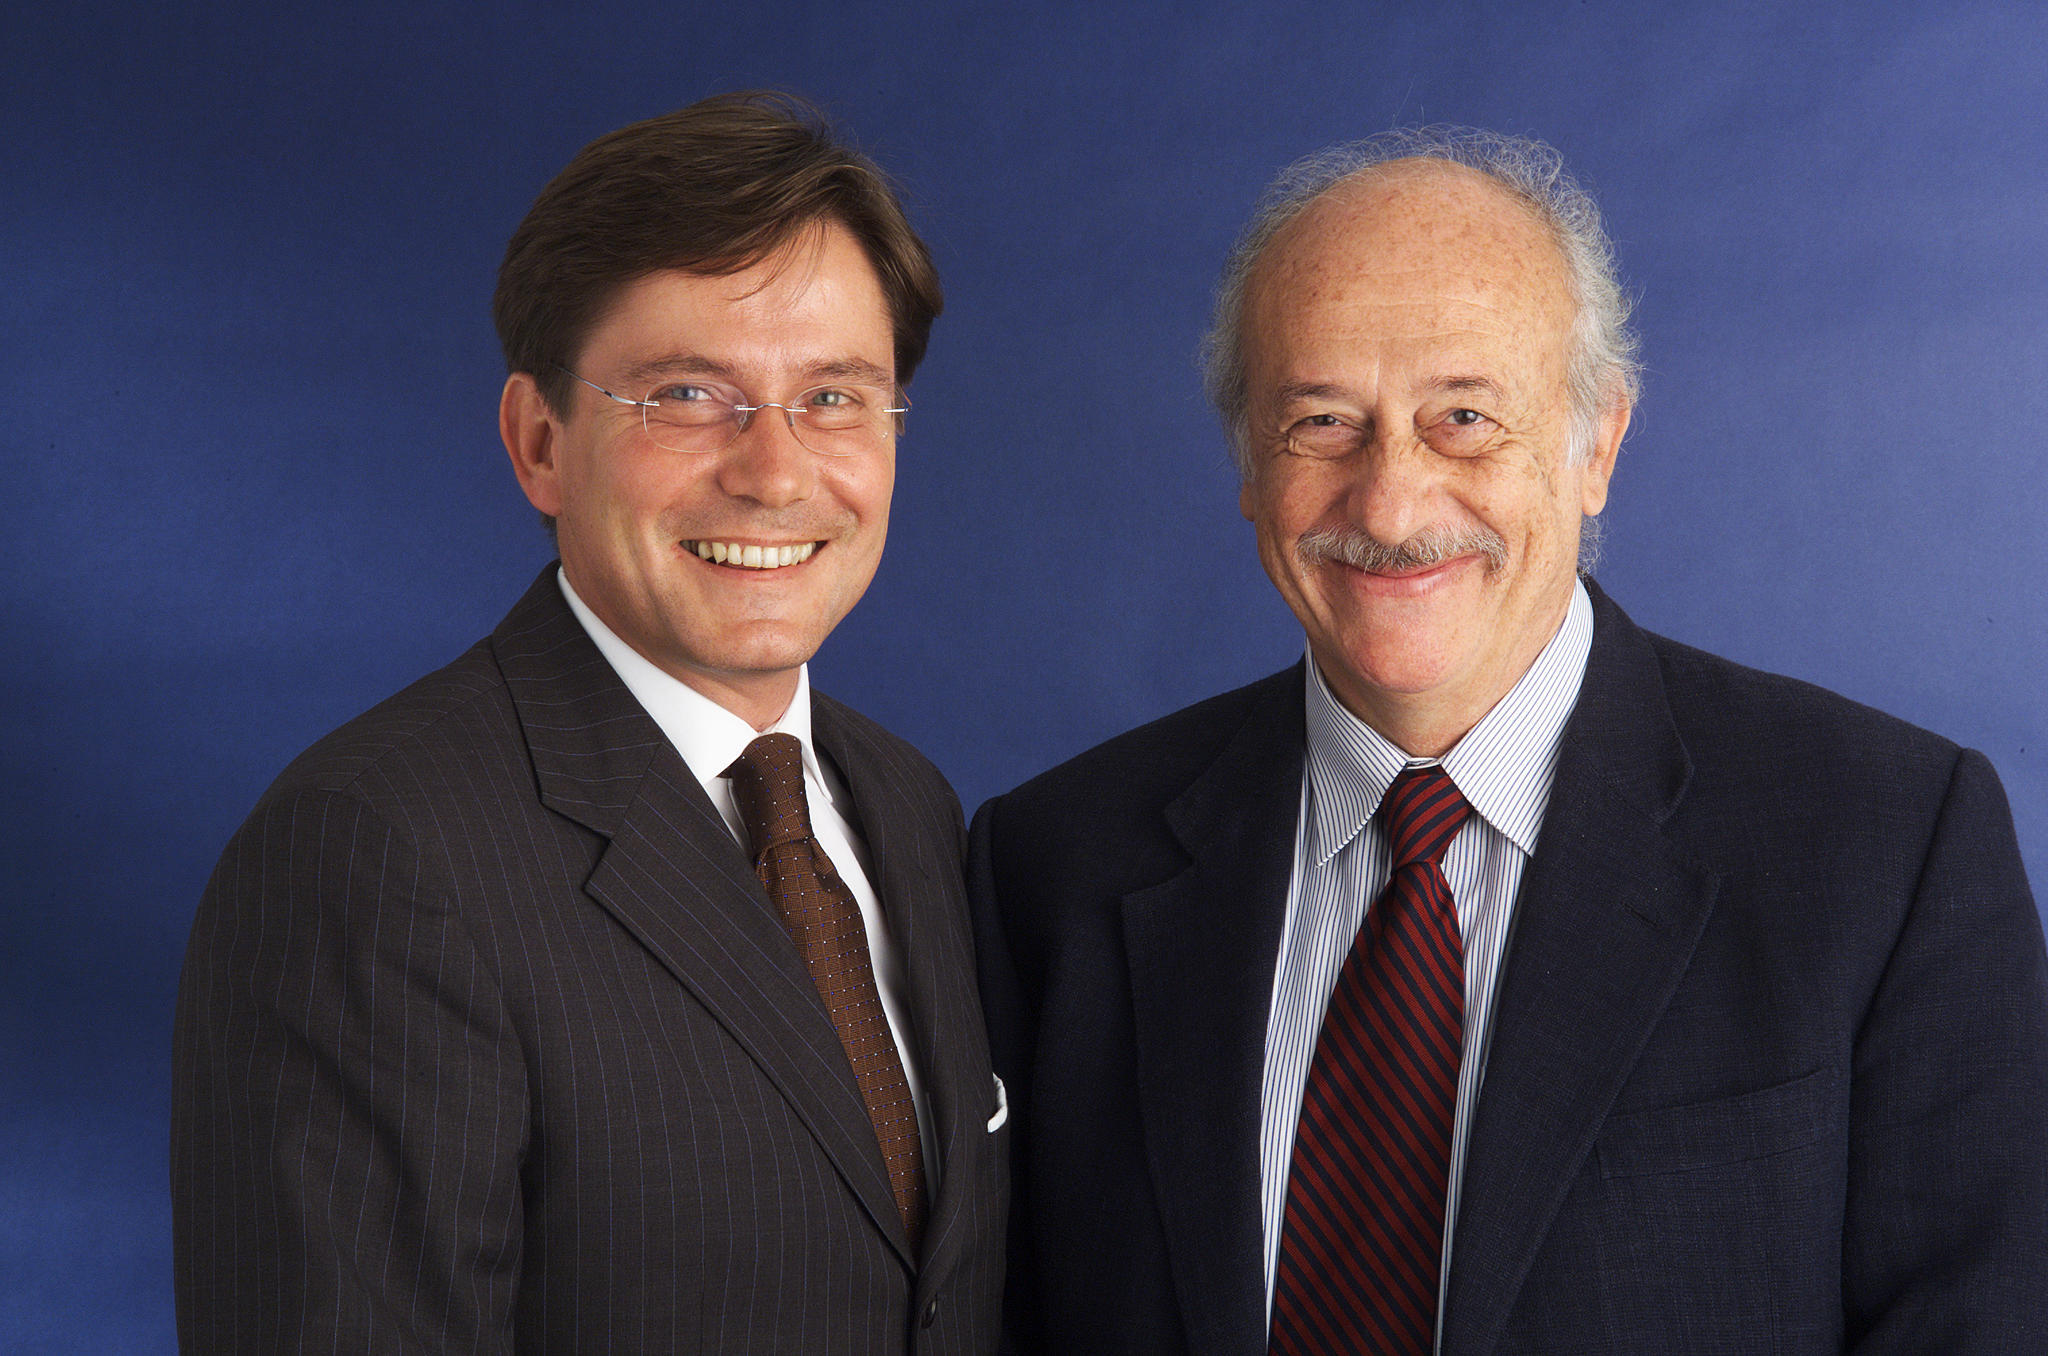 Bild zu OTS - Peter Newole (links) und Giuseppe Palma (rechts) Geschäftsführer der EUROPPASS LKW-Mautsystem GmbH